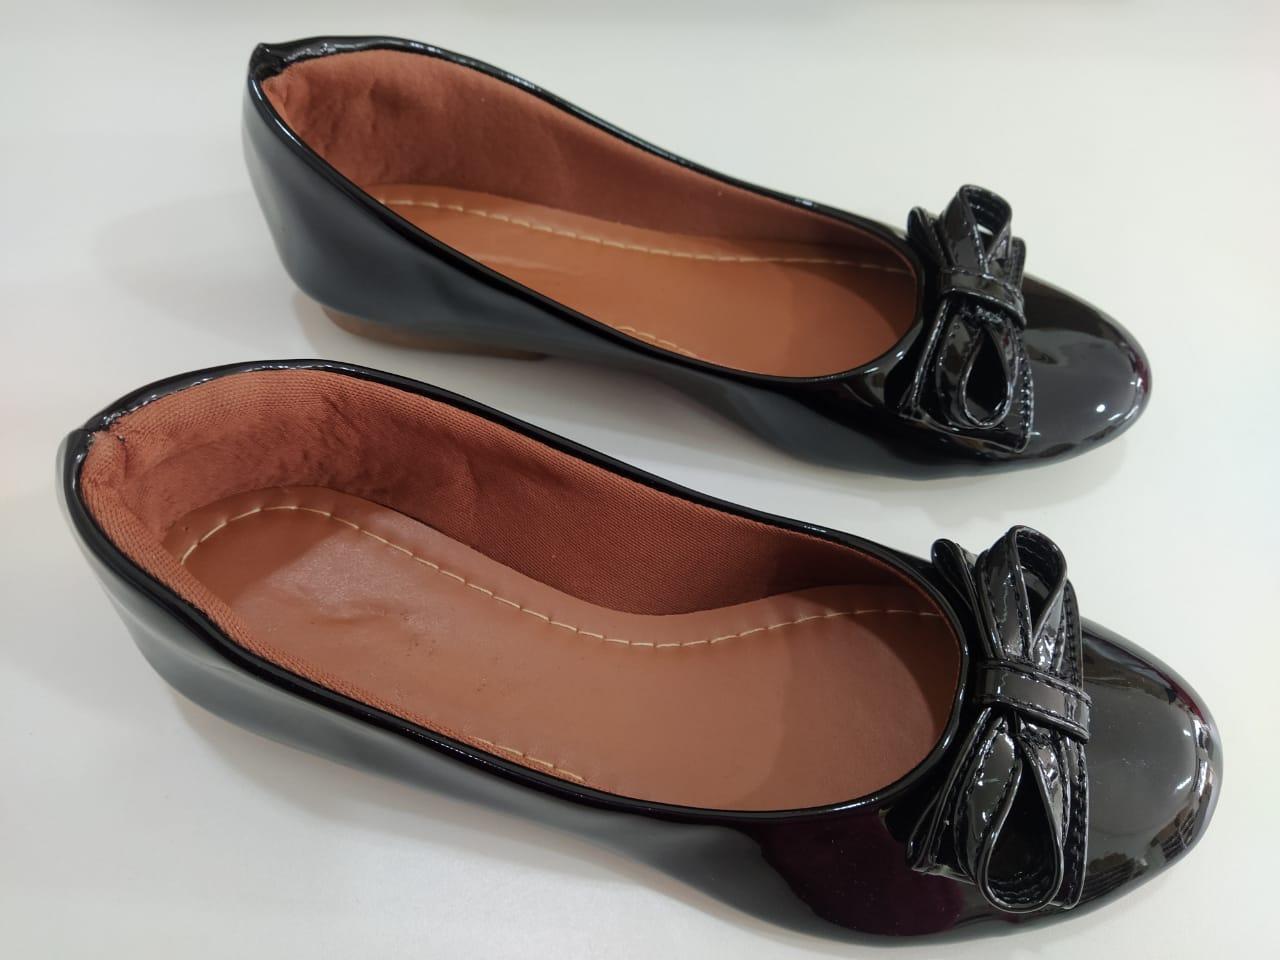 Sapatilha bico redondo preto verniz com laço no mesmo material